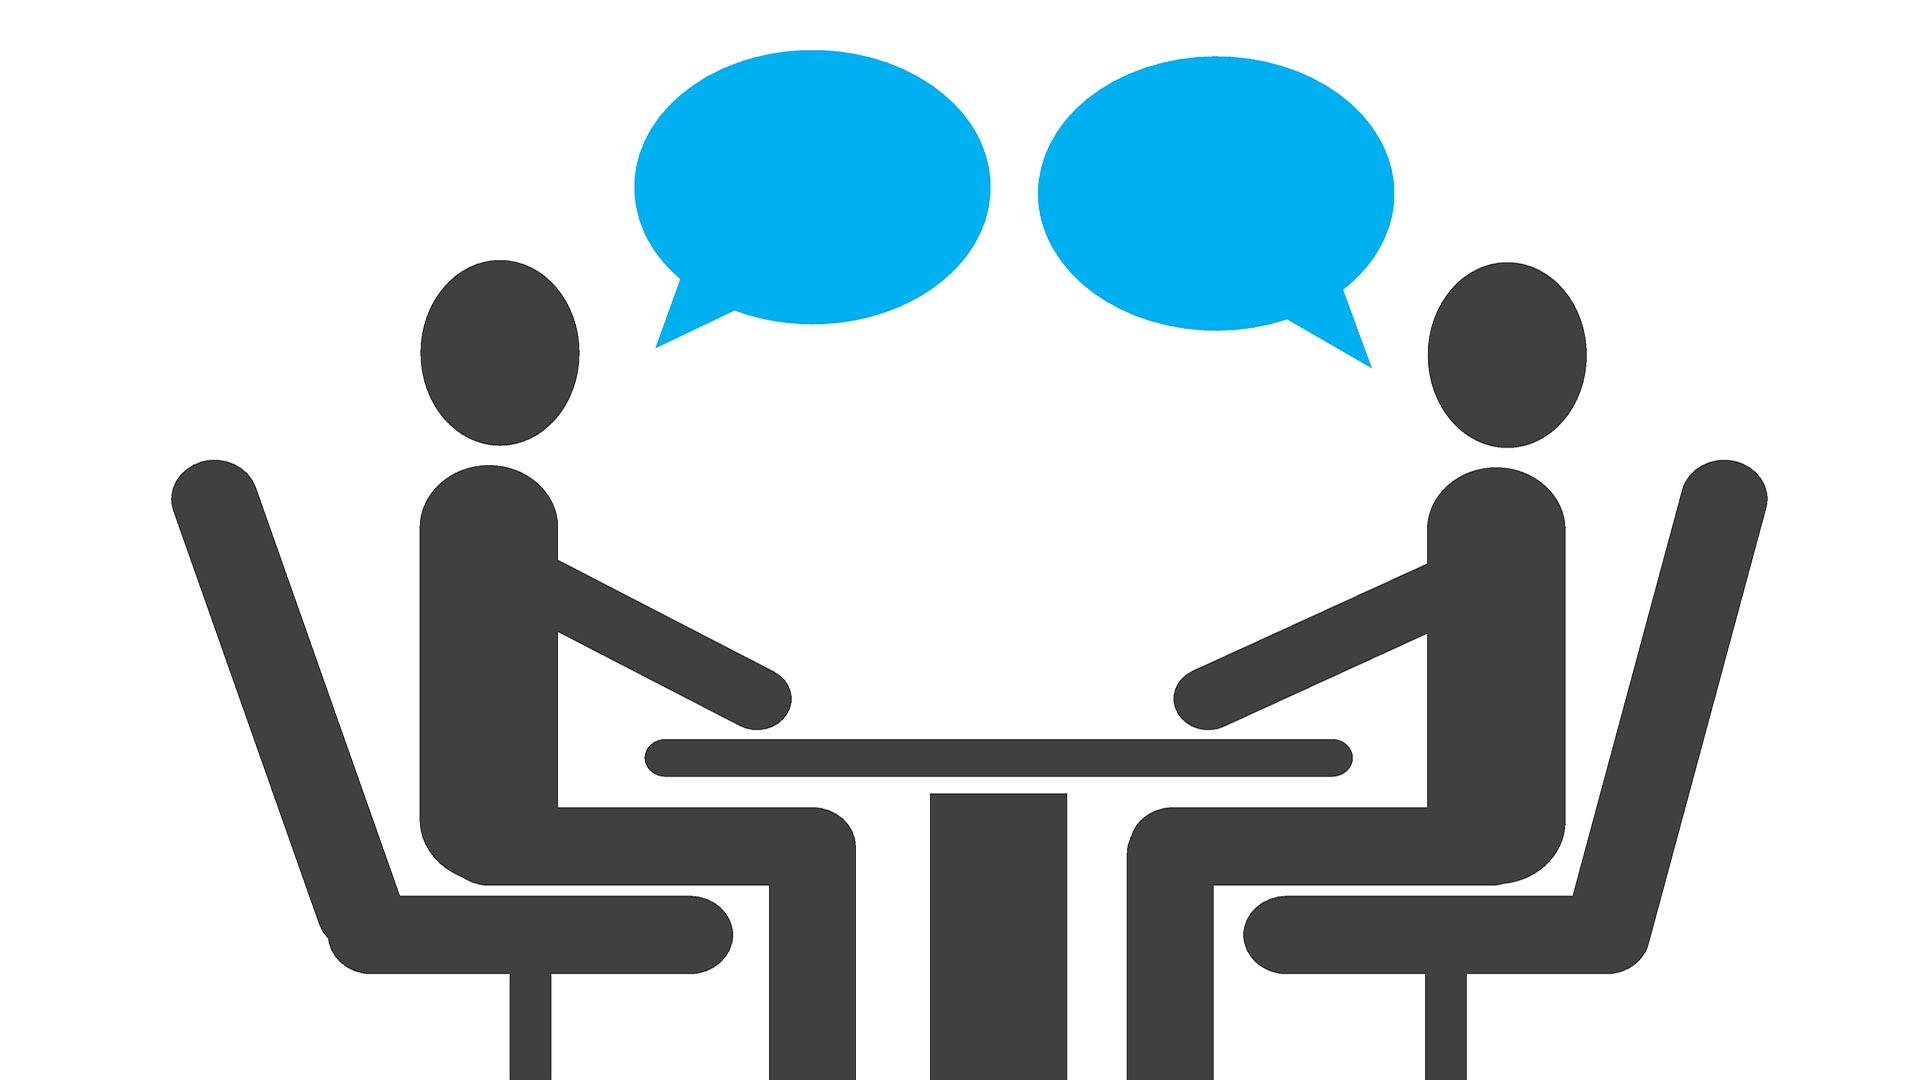 Tenha atenção no momento da entrevista. Leve todos os documentos que podem ser solicitados e responda apenas o que for questionado.